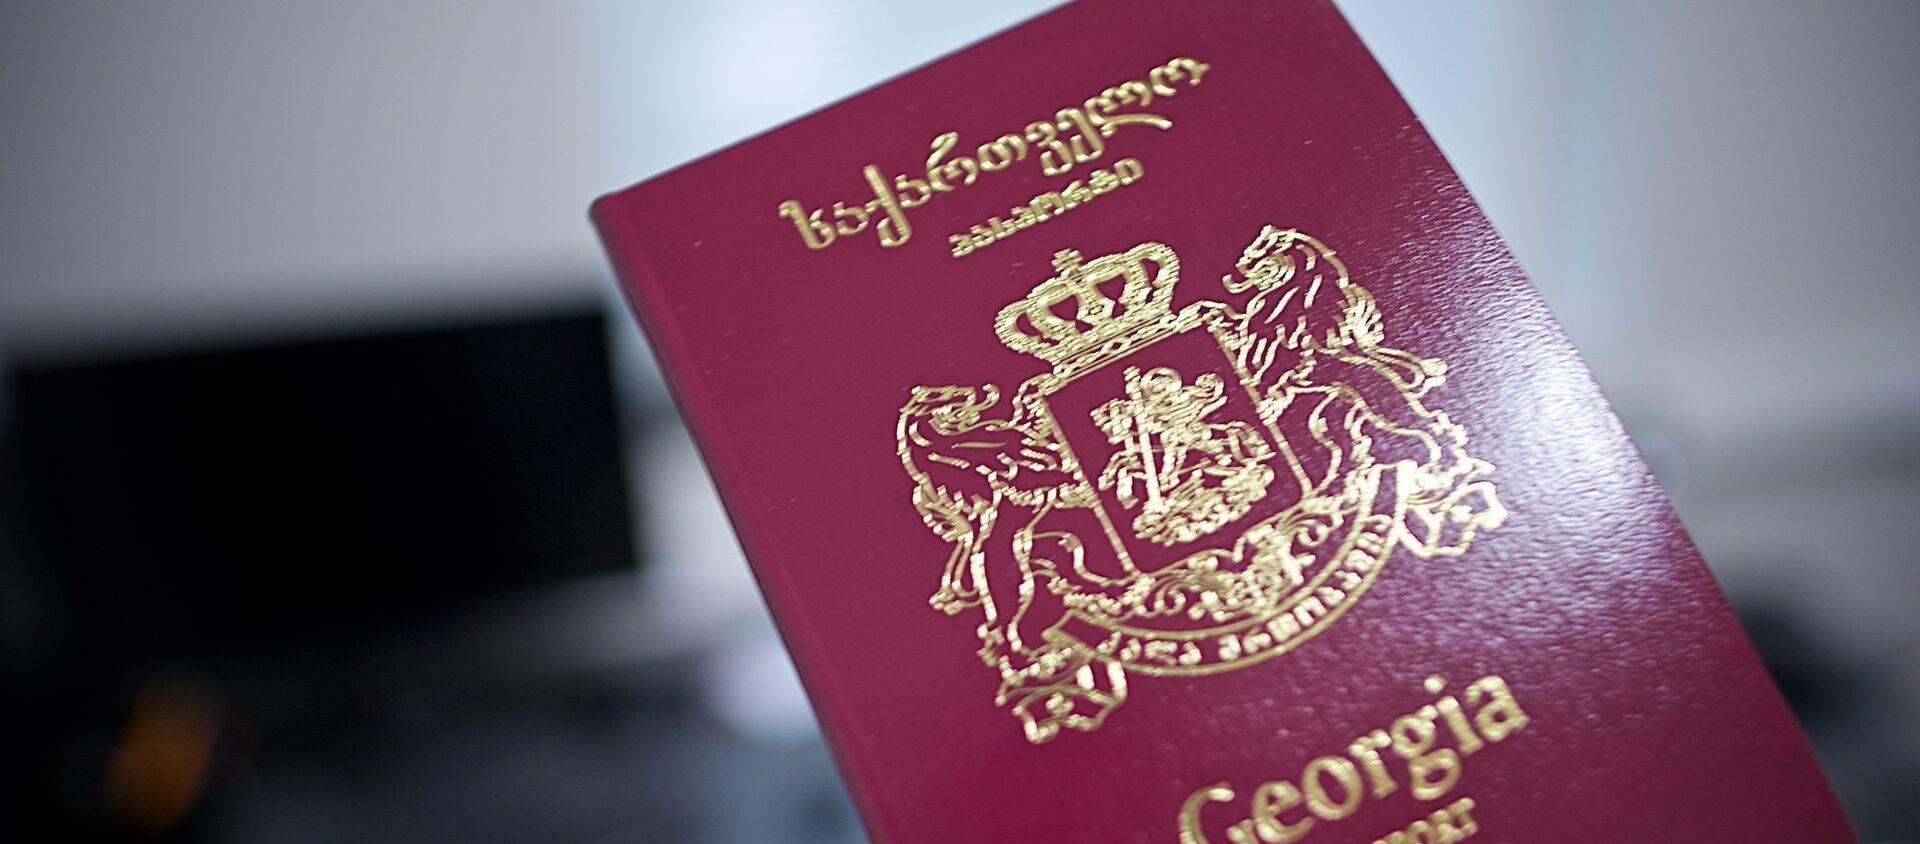 Грузинский международный биометрический паспорт - Sputnik Грузия, 1920, 06.01.2021